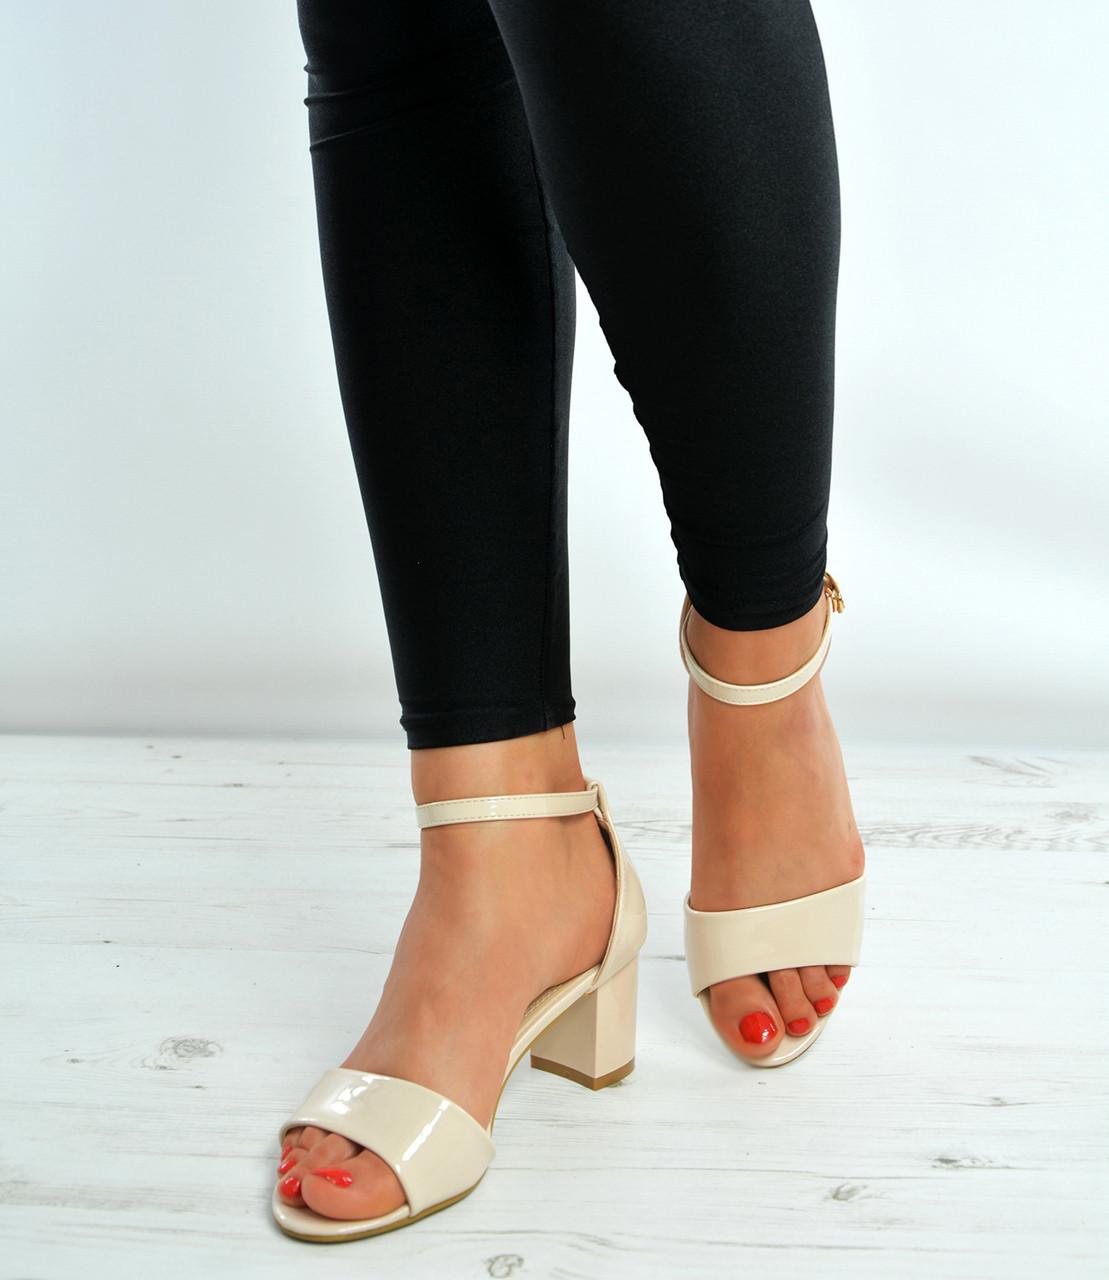 e0ee5d825ef Beige Ankle Strap Mid Block Heels Sandals Shoes Size Uk 3-8